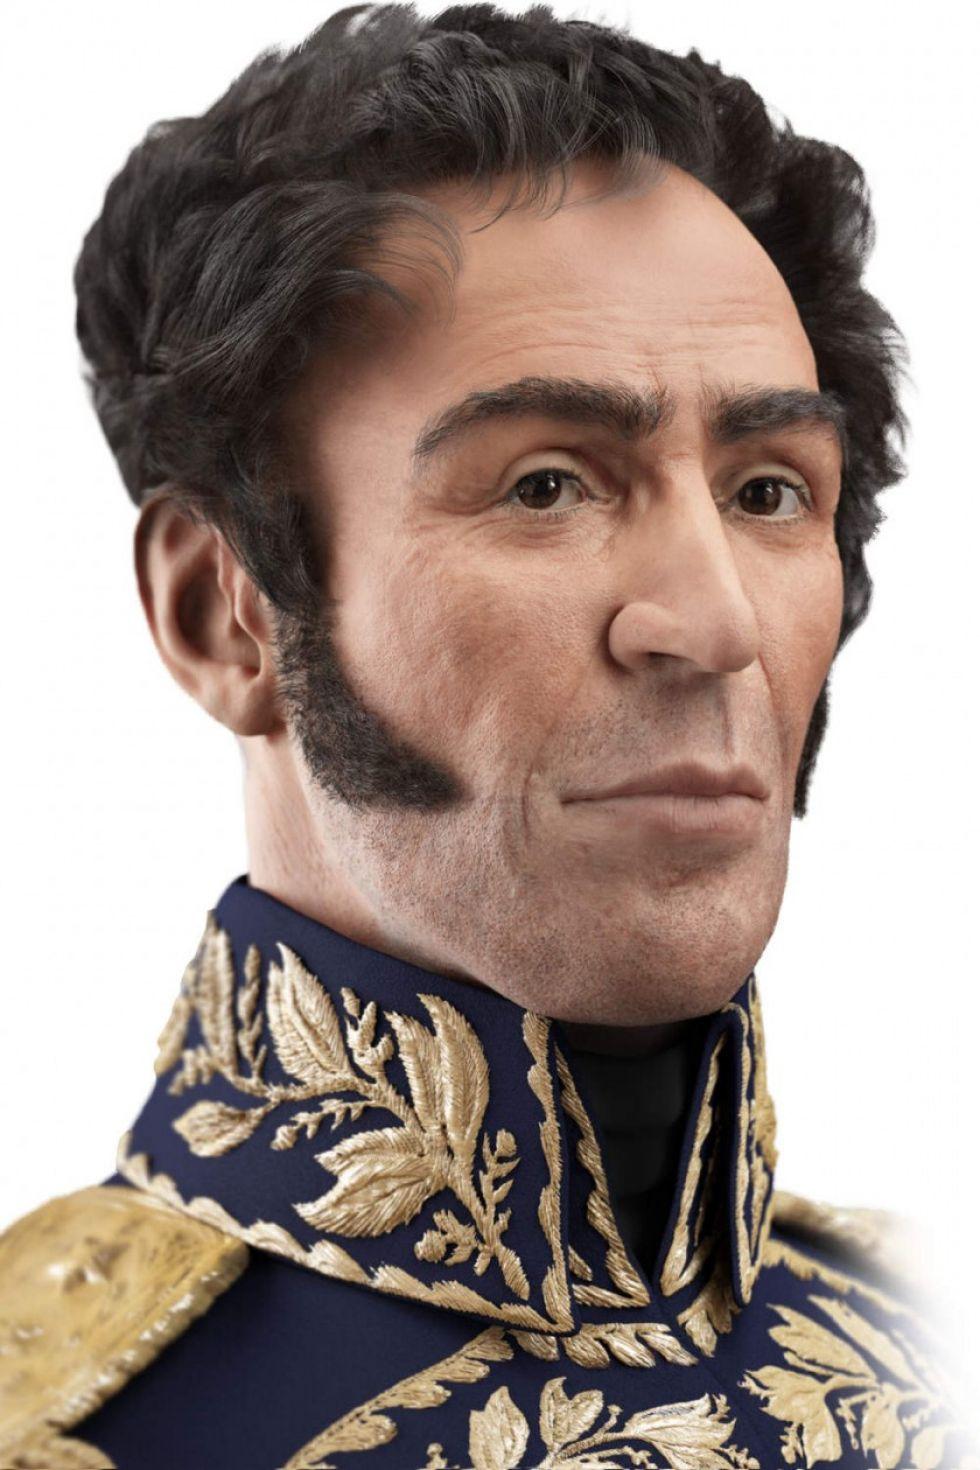 Los retratos de Bolívar y Sucre serían colocados en tribunales, cabildos, etc.